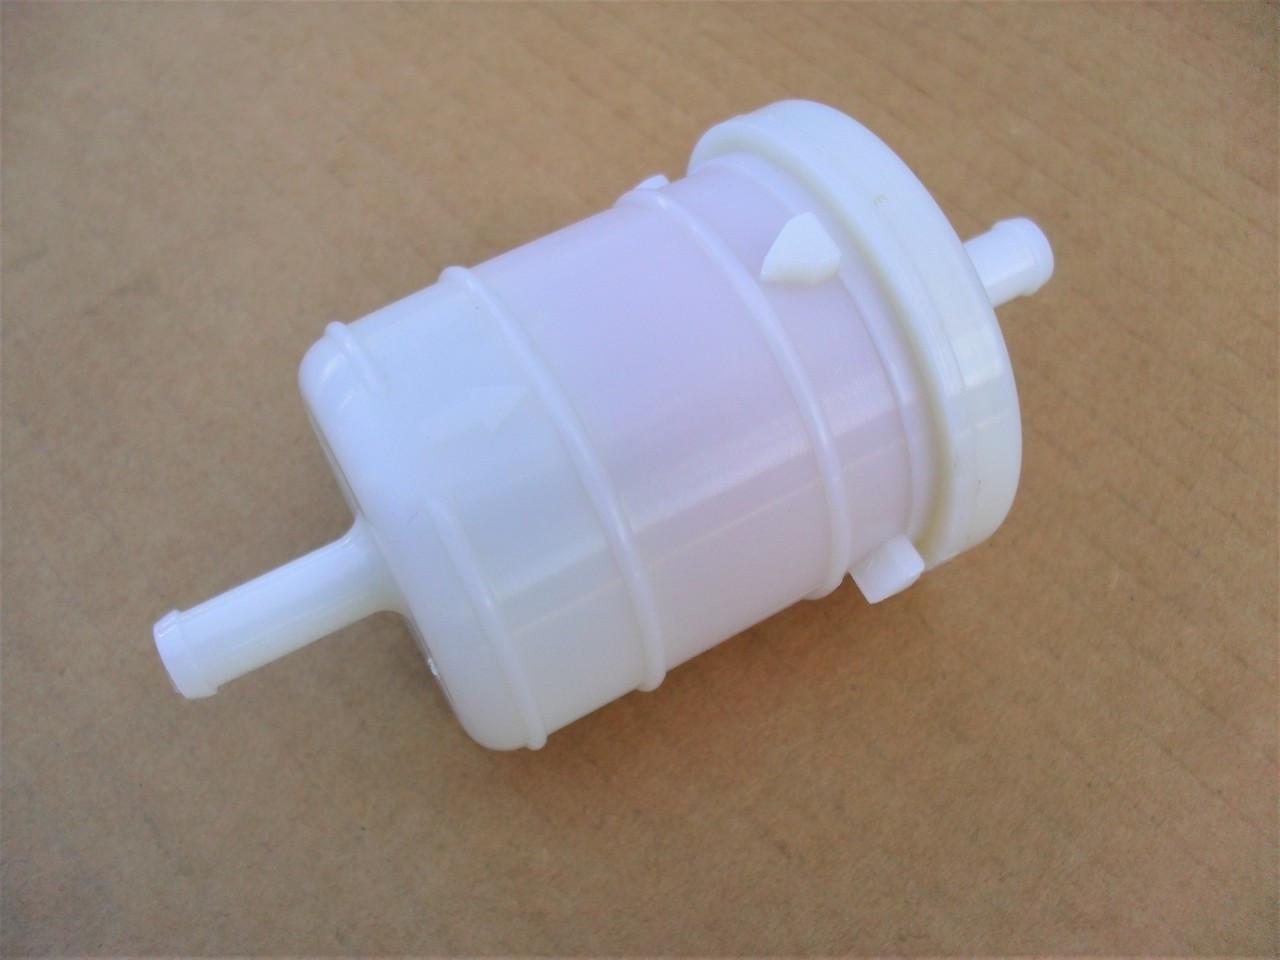 medium resolution of diesel fuel filter for kubota 1258143010 1258143012 1269143010 1335143010 12581 43010